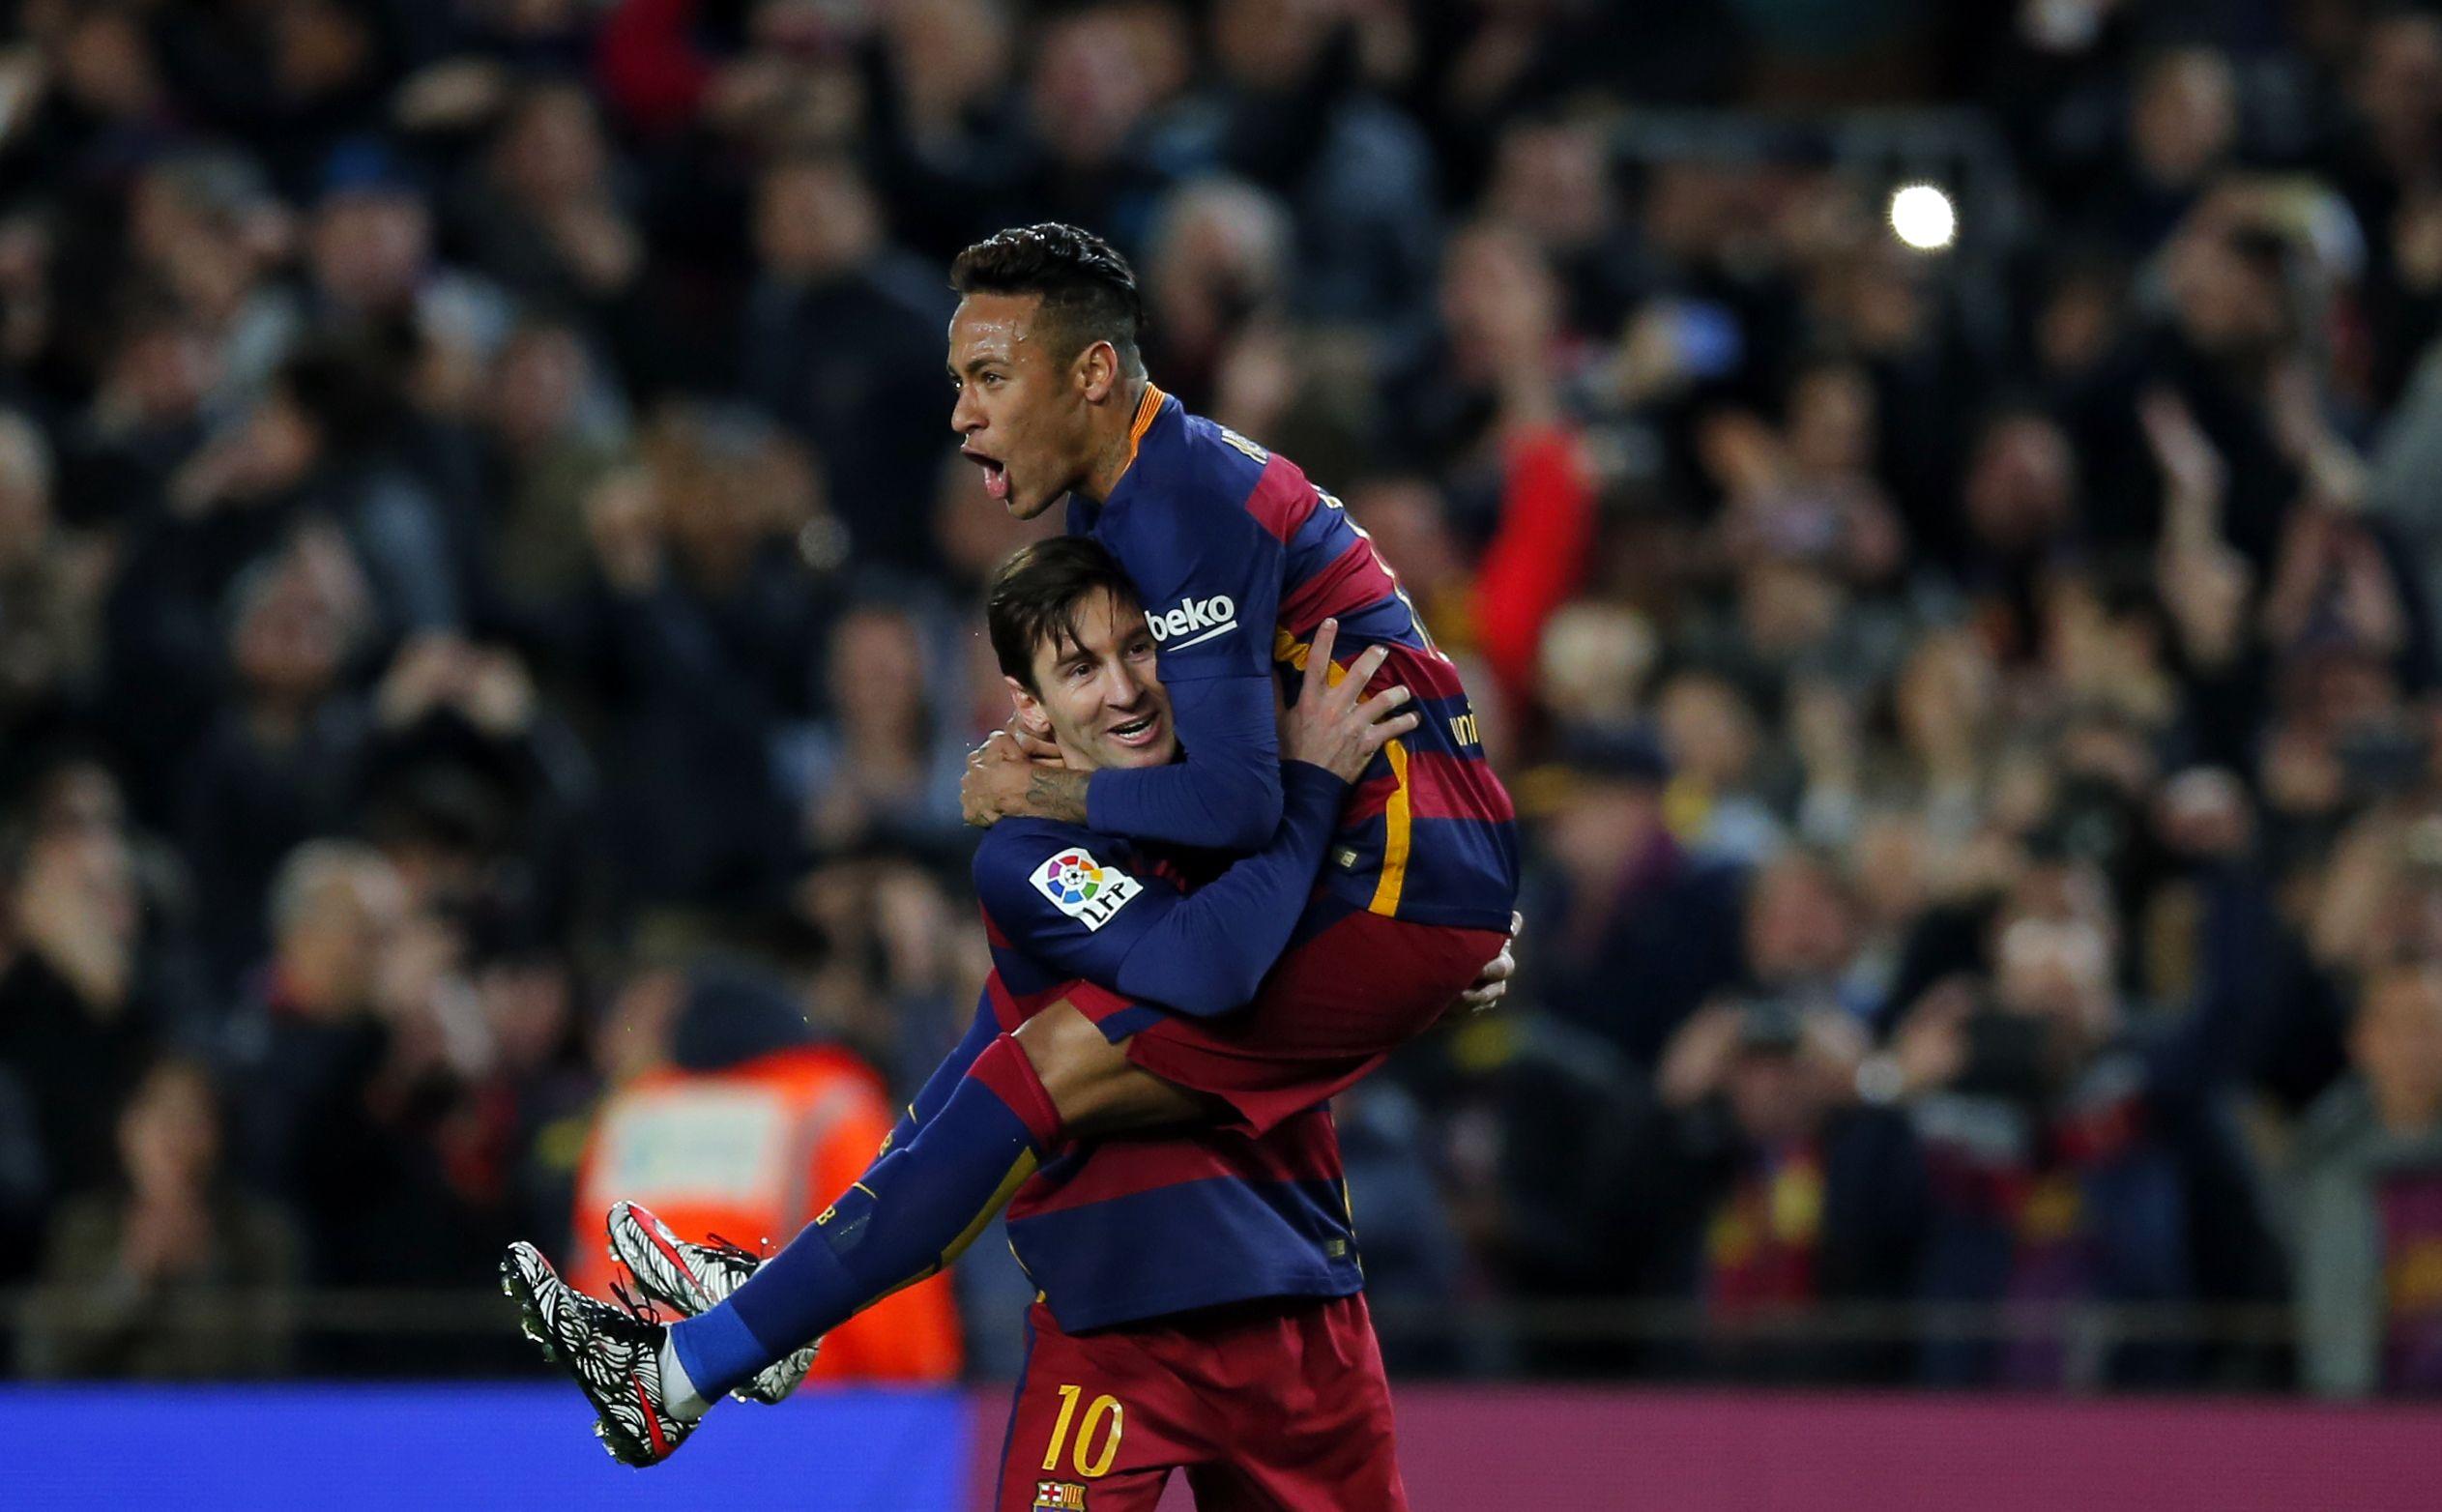 Messi levanta al Barsa frente a Sevilla y acerca el título bb31f939dfbe2